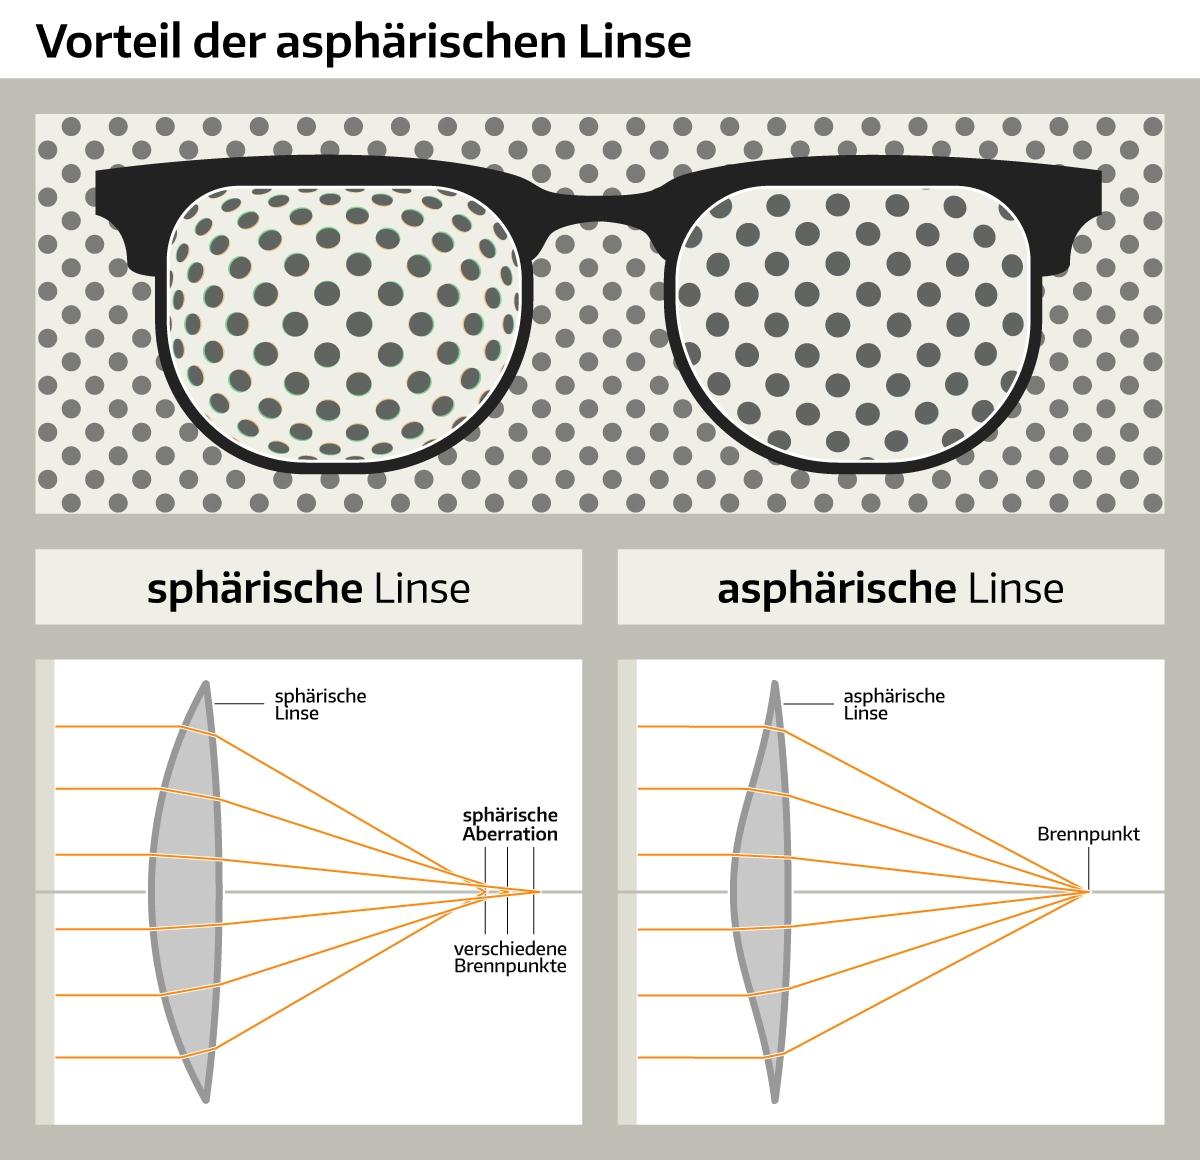 asphärische brillengläser